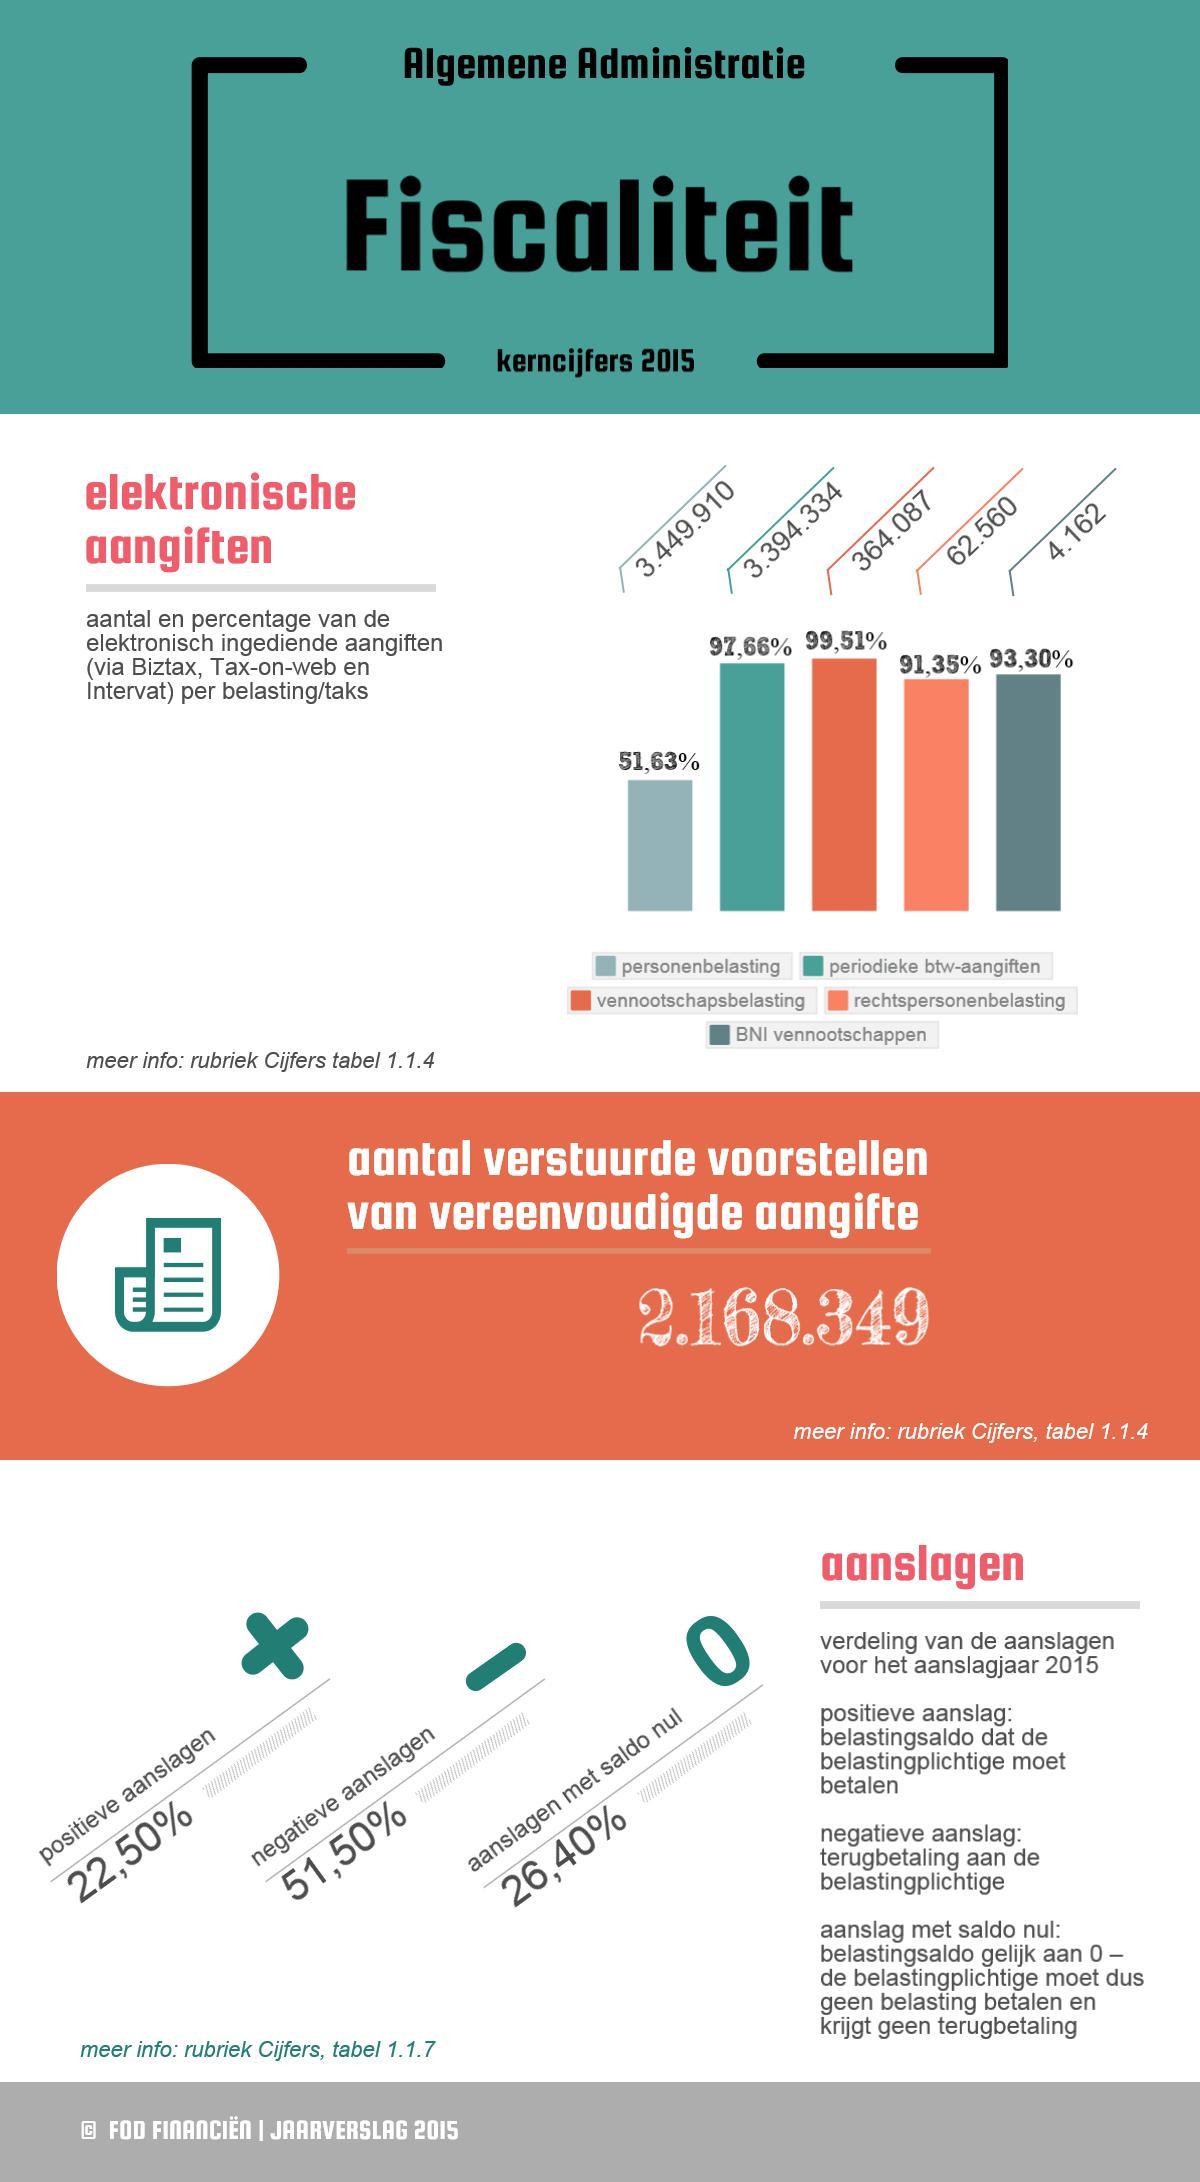 Elektronische aangiften: personenbelasting: 3.449.910 (51,63%) / periodieke btw-aangiften: 3.394.334 (97,66%) / vennootschapsbelasting: 364.087 (99,51%) / rechtspersonenbelasting: 62.560 (91,35%) / BNI vennootschappen: 4.162 (93,30%) | Aantal verstuurde voorstellen van vereenvoudigde aangifte: 2.168.349 | Aanslage : 22,50% positieve aanslagen / 51,50% negatieve aanslagen / 26,40% aanslagen met saldo nul